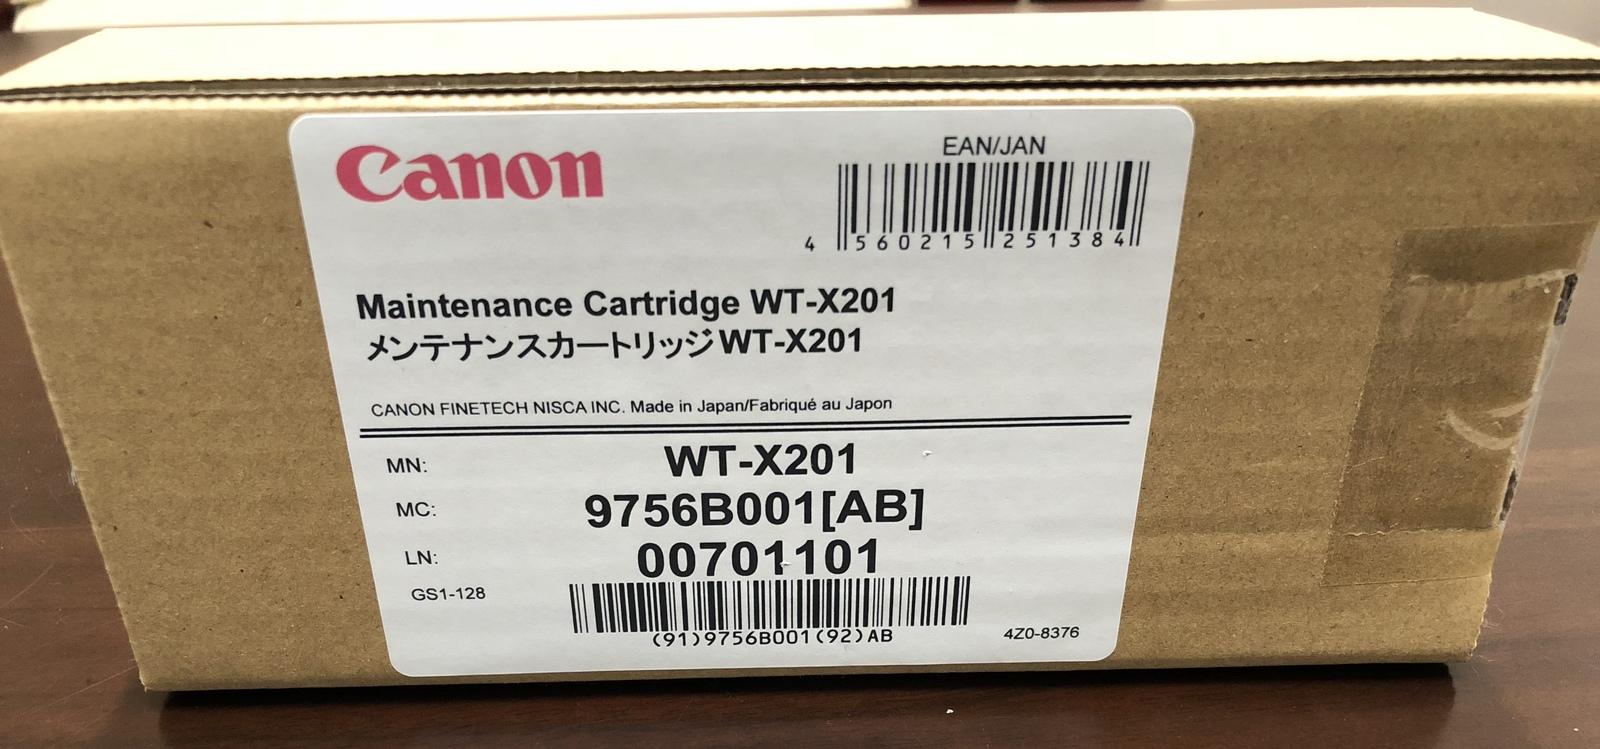 返品交換不可 キャノン メンテナンスカートリッジWT-X201 税込 AB 9756B001